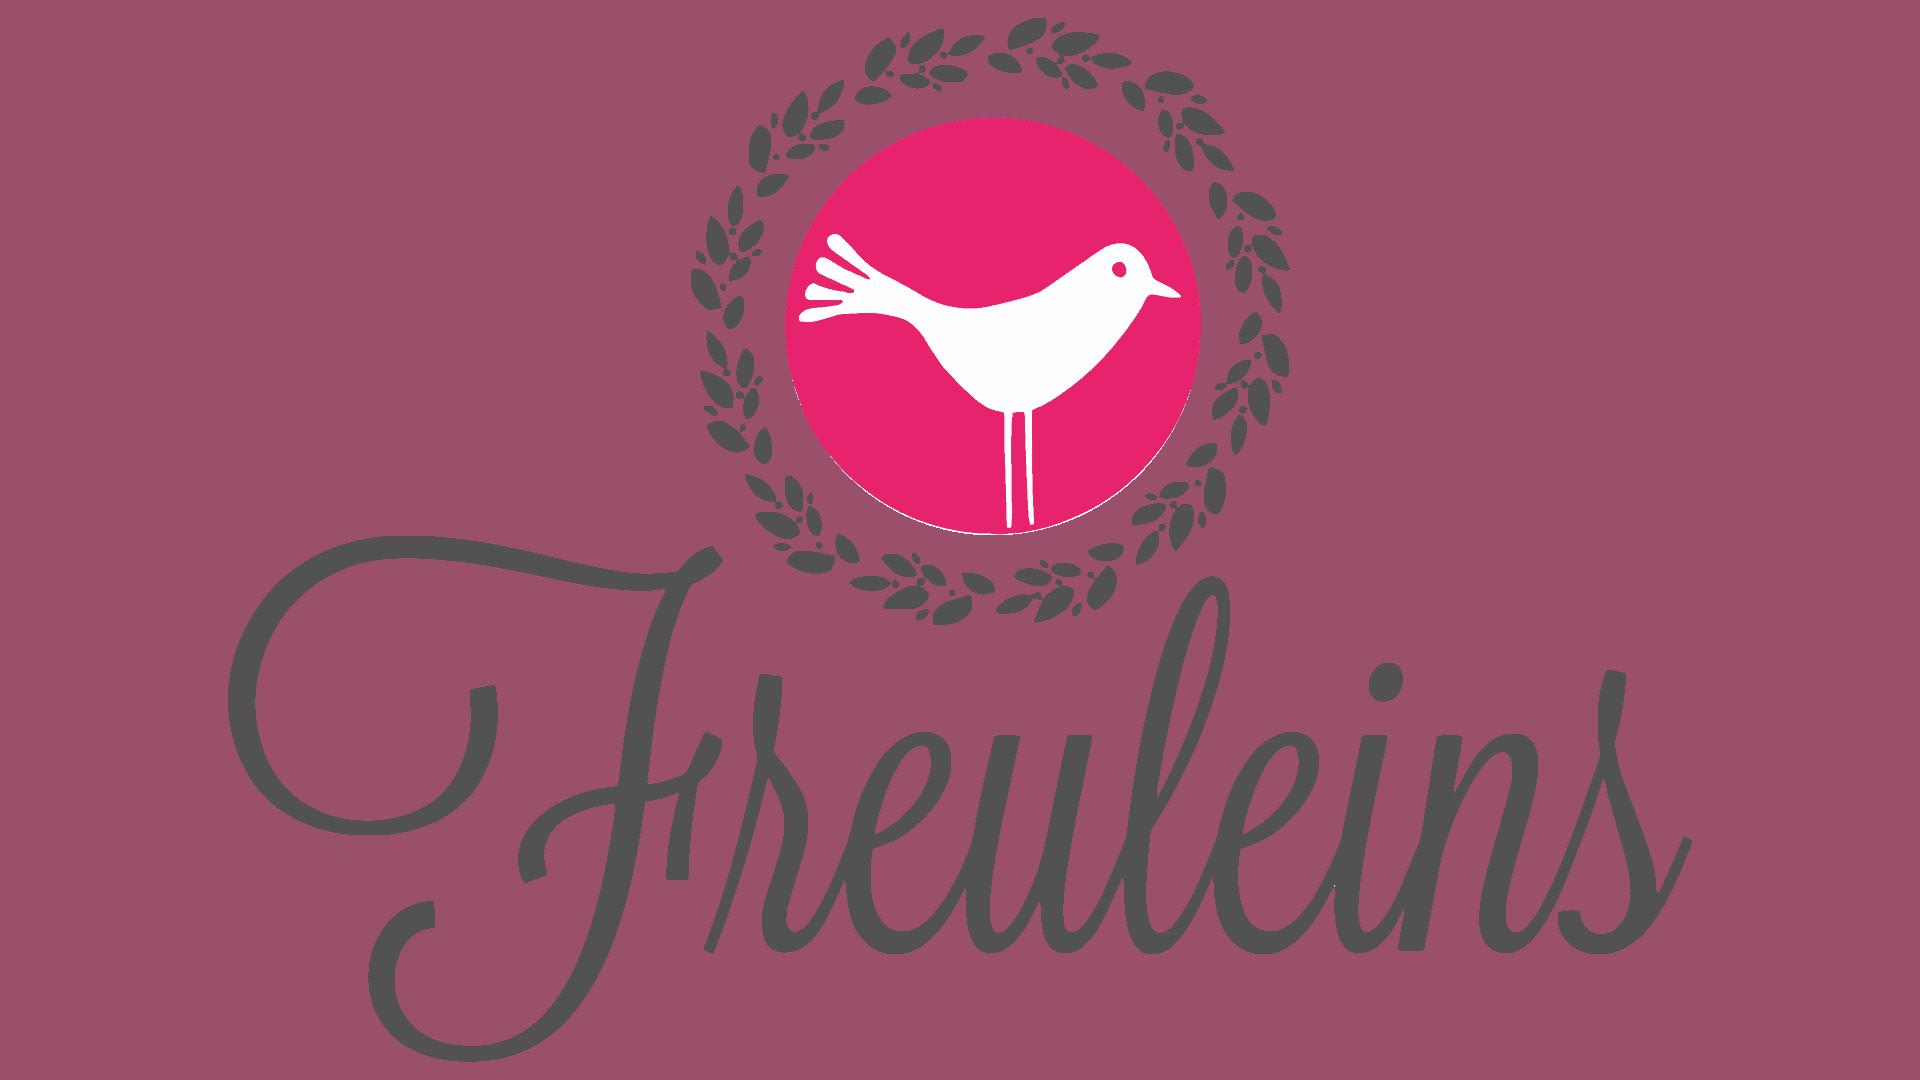 Freuleins